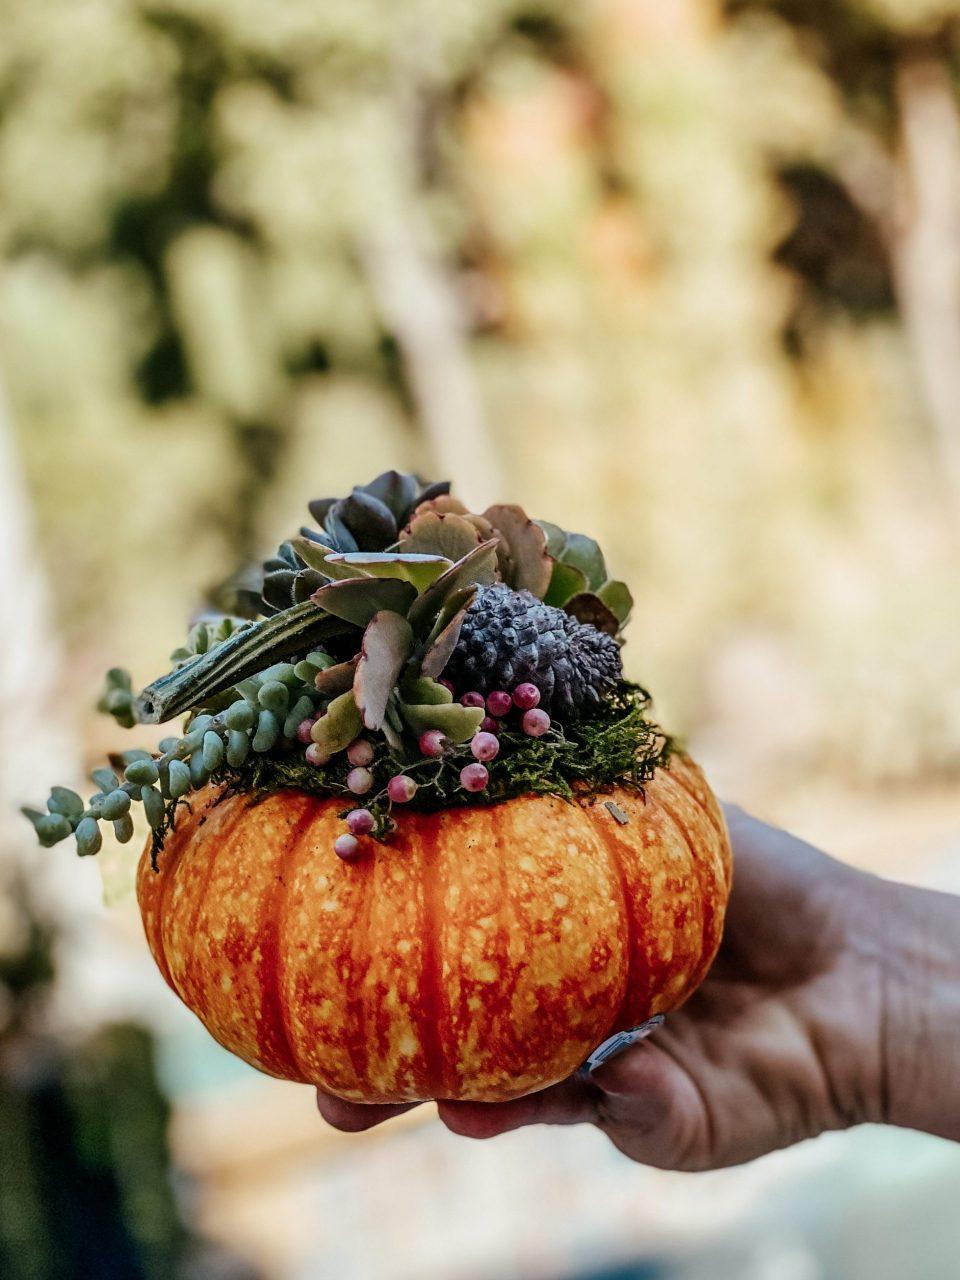 Holding a DIY succulent pumpkin